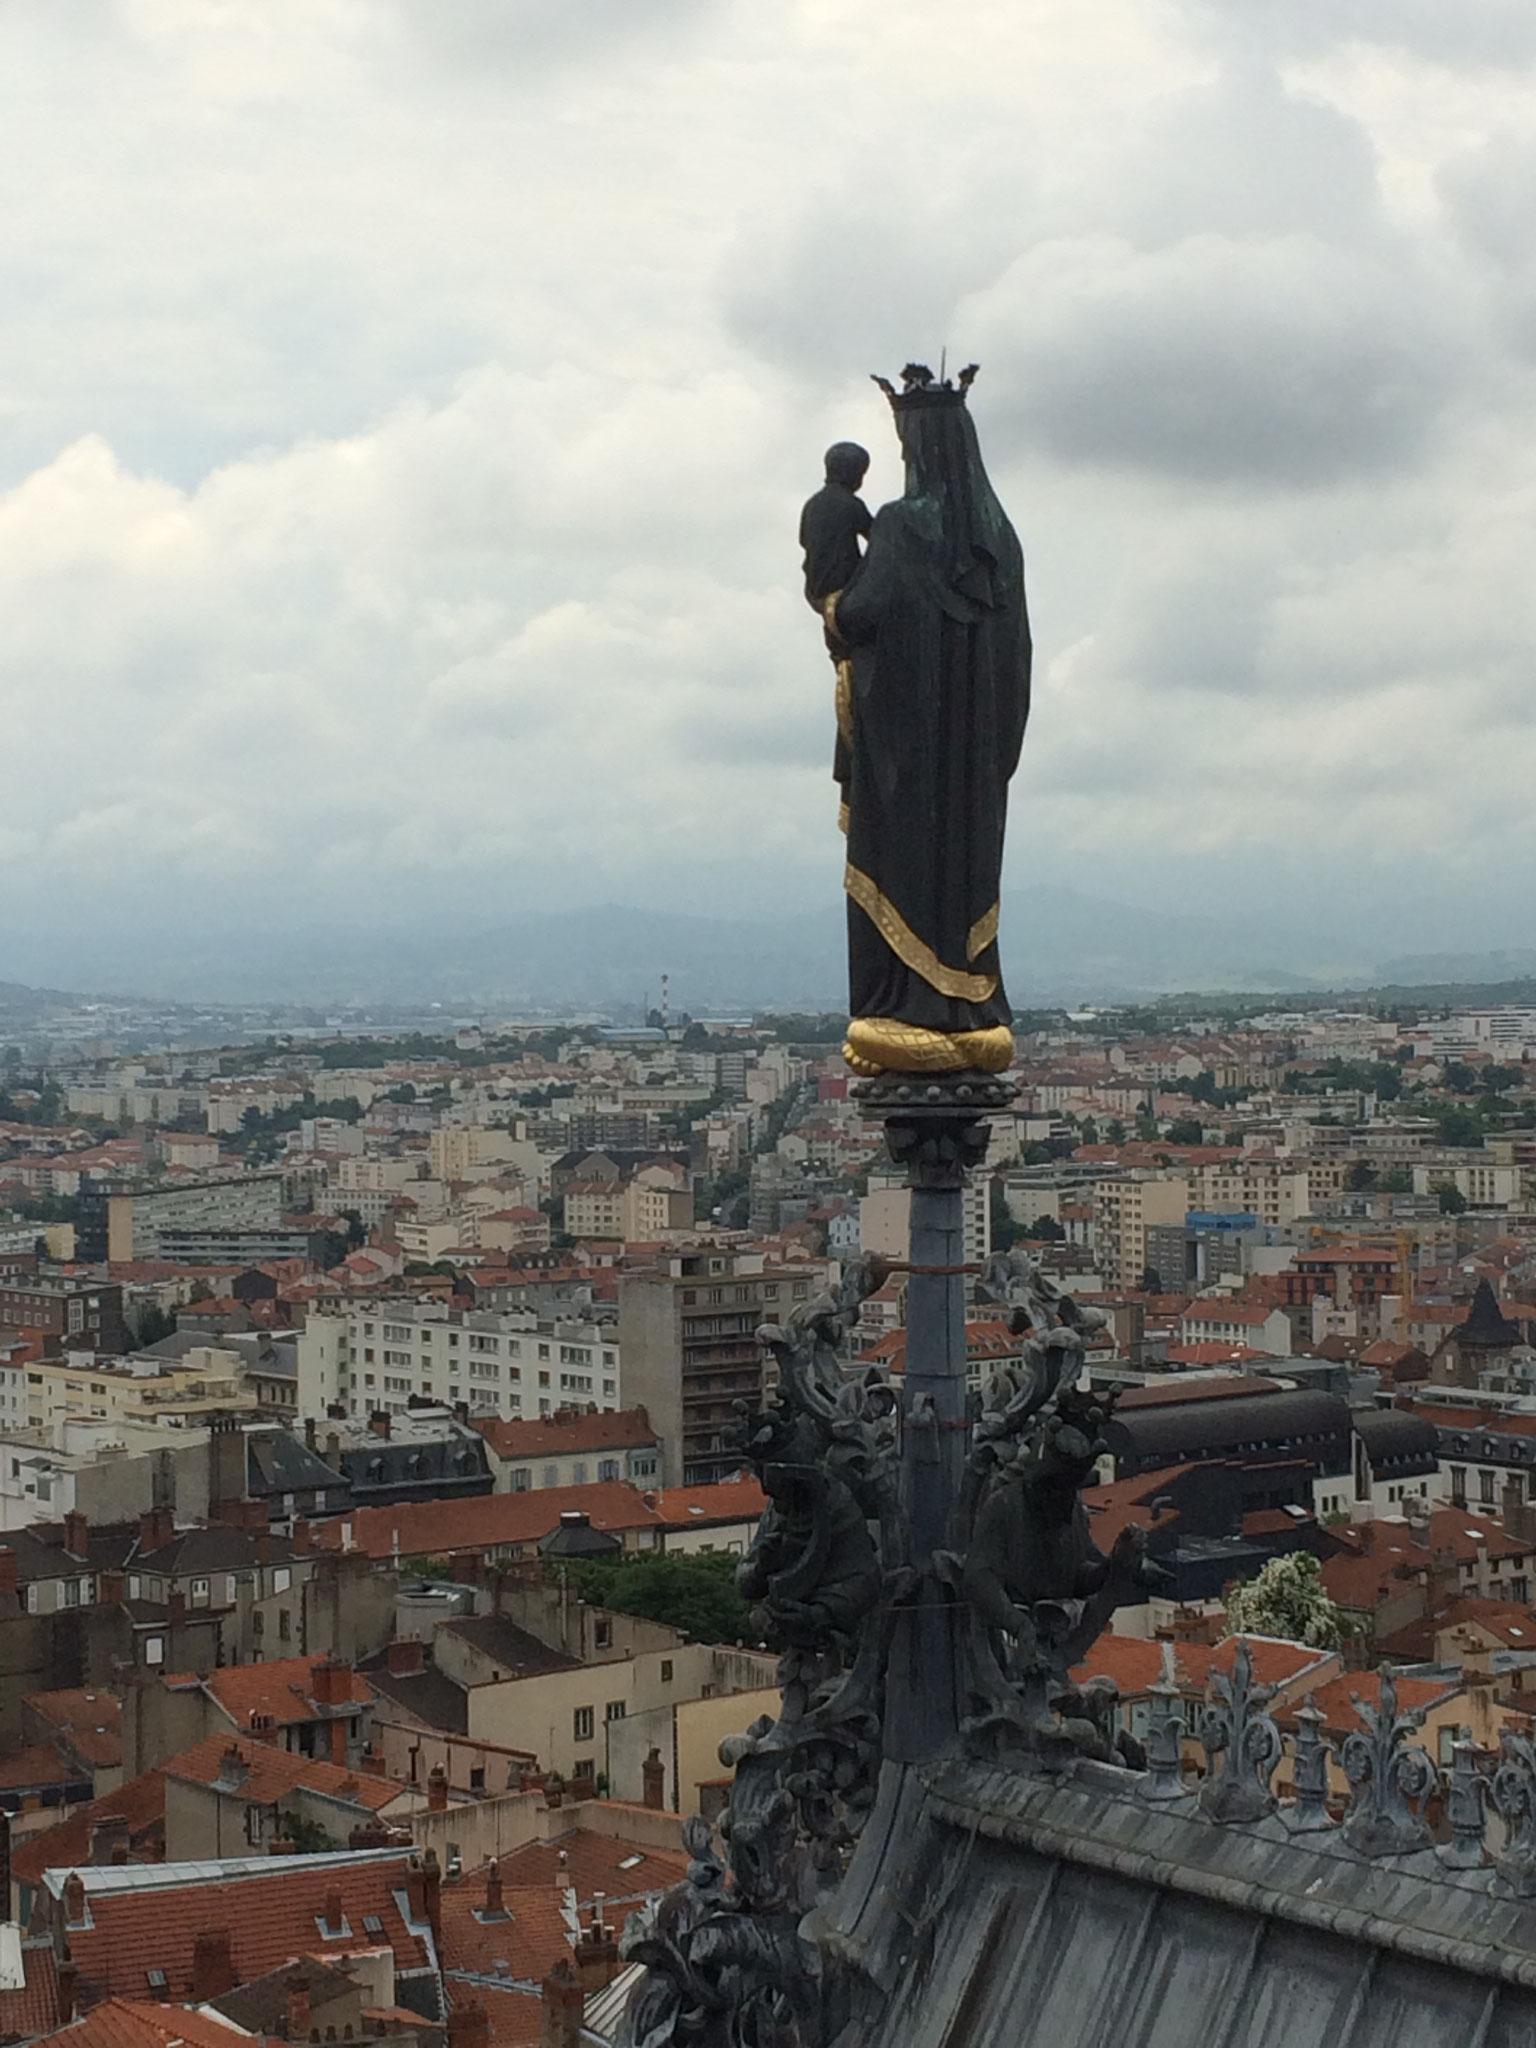 En haut de la tour de la Bayette de la cathédrale de Clermont-Ferrand, à 15 minutes des chambres d'hôtes de la Villa Victoria Auvergne.